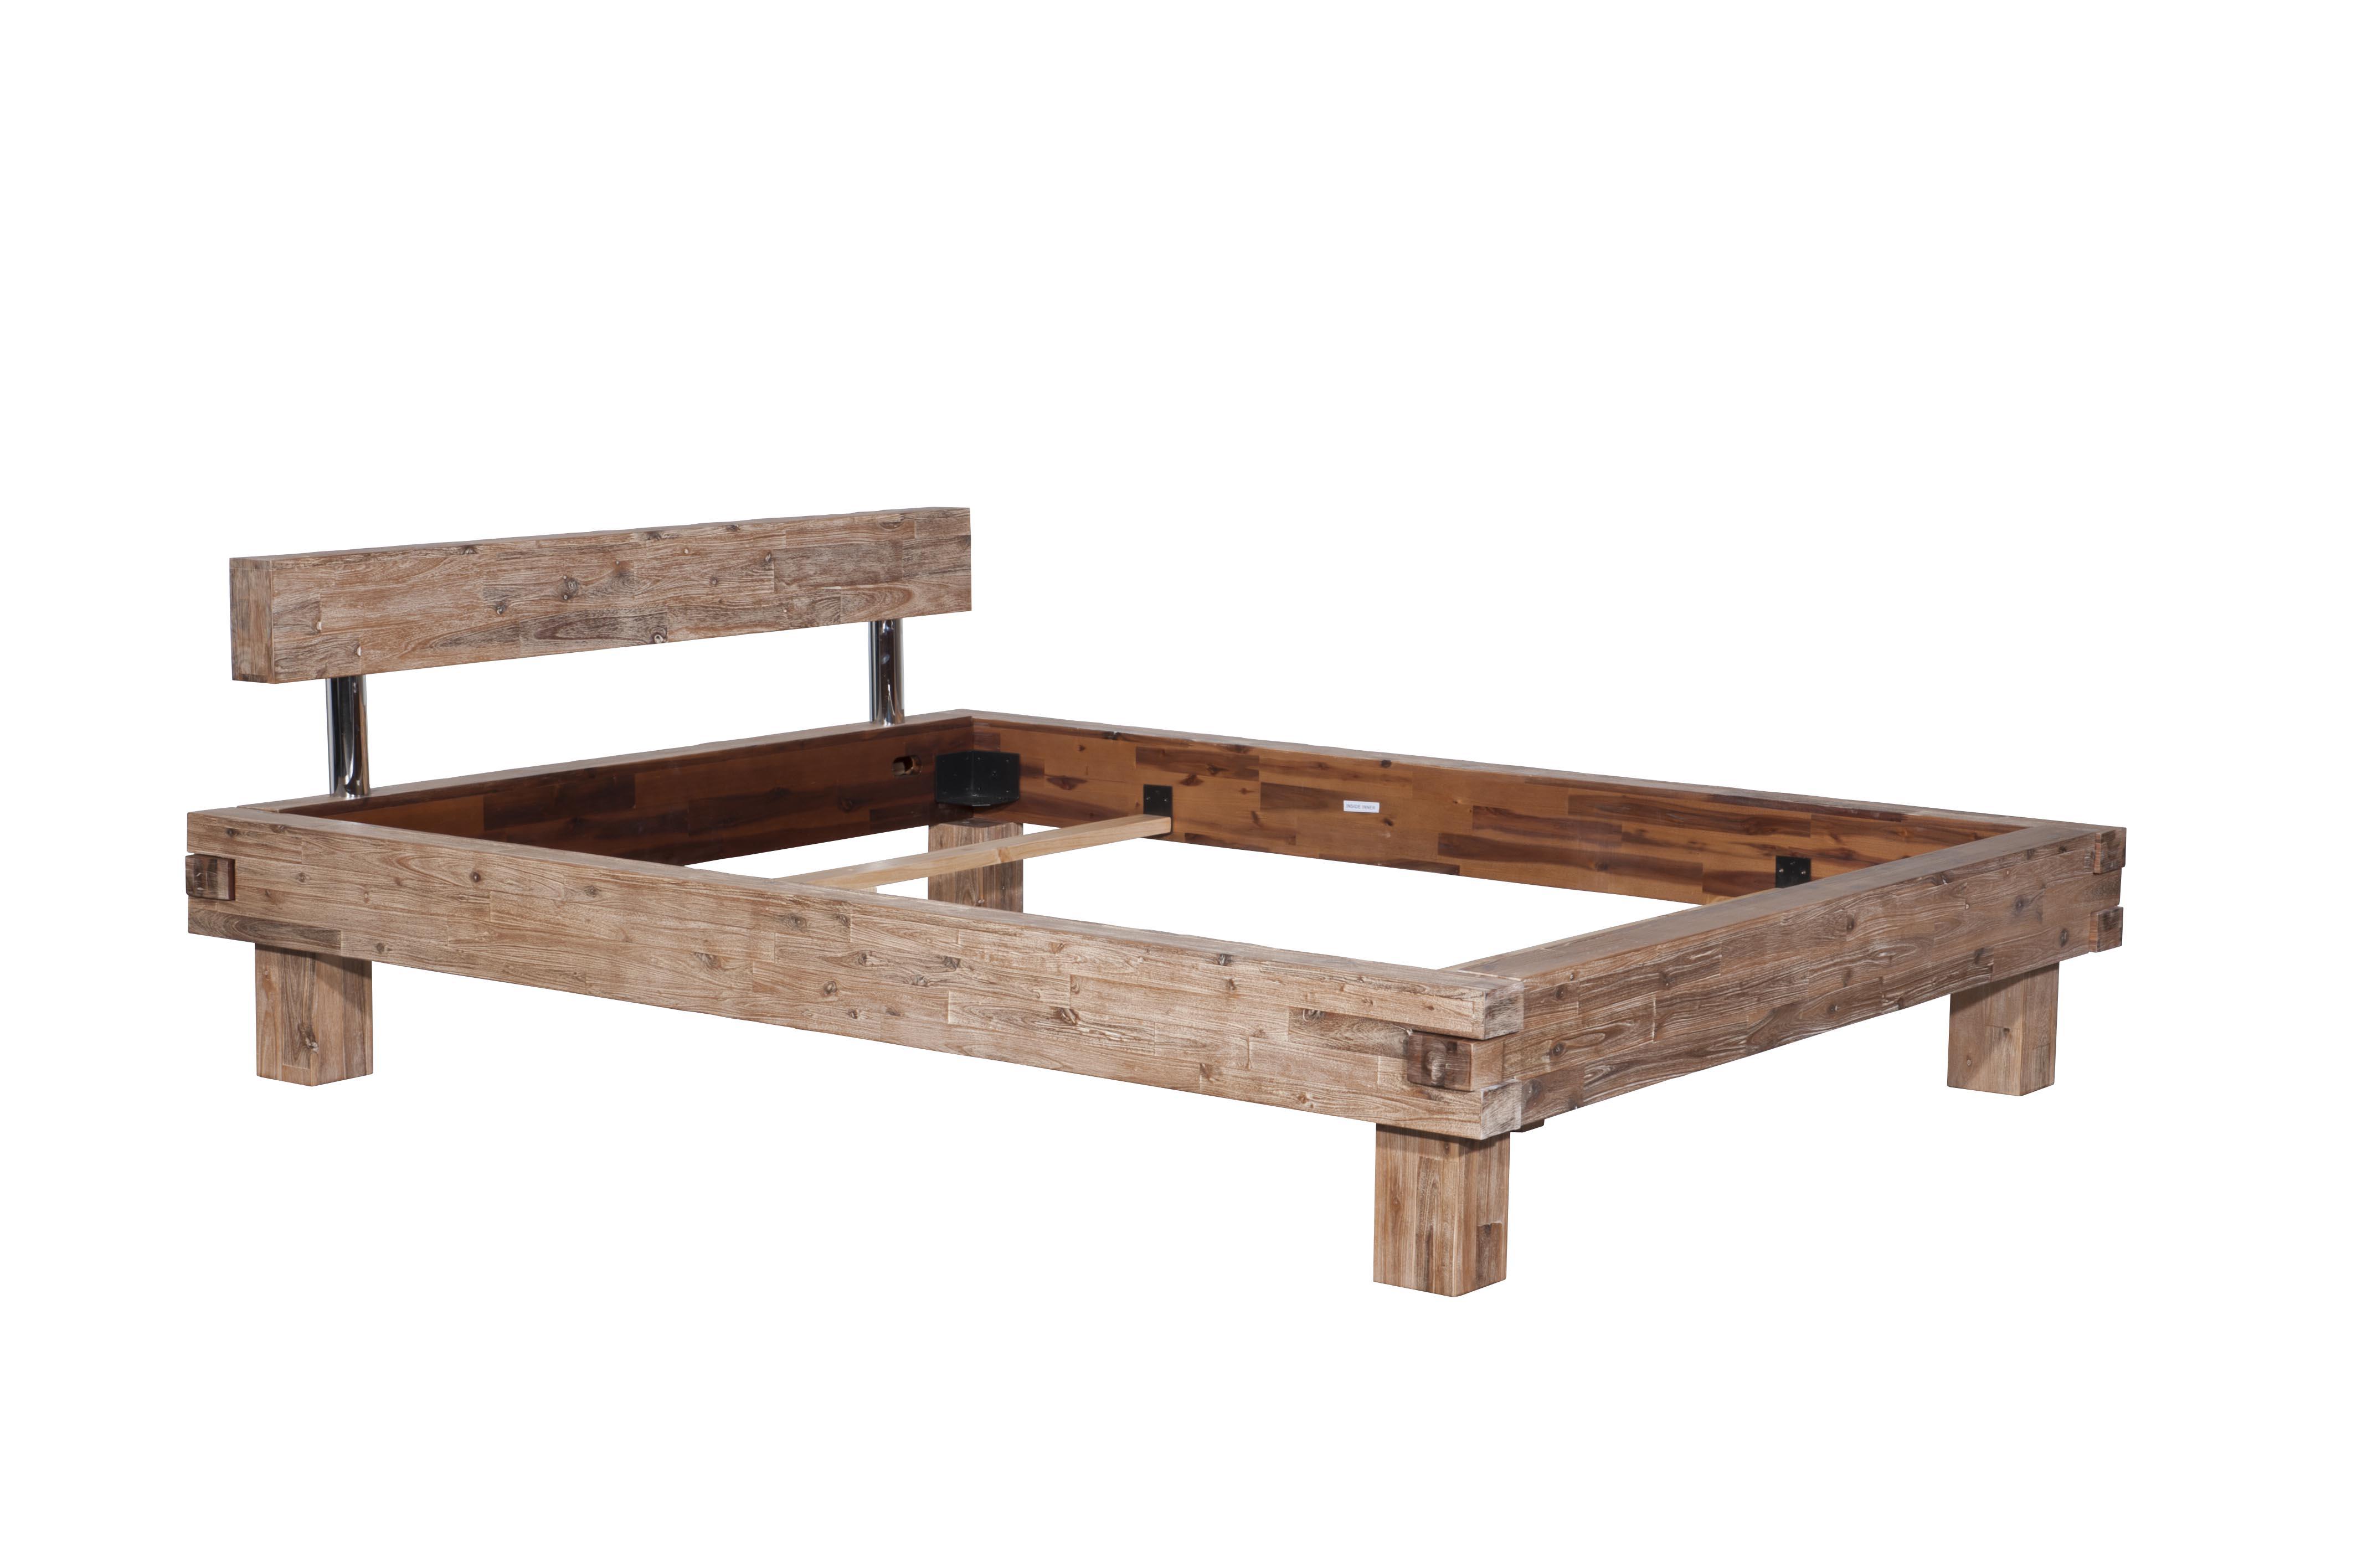 modular namur bett akazie sandgestrahlt m bel letz ihr online shop. Black Bedroom Furniture Sets. Home Design Ideas